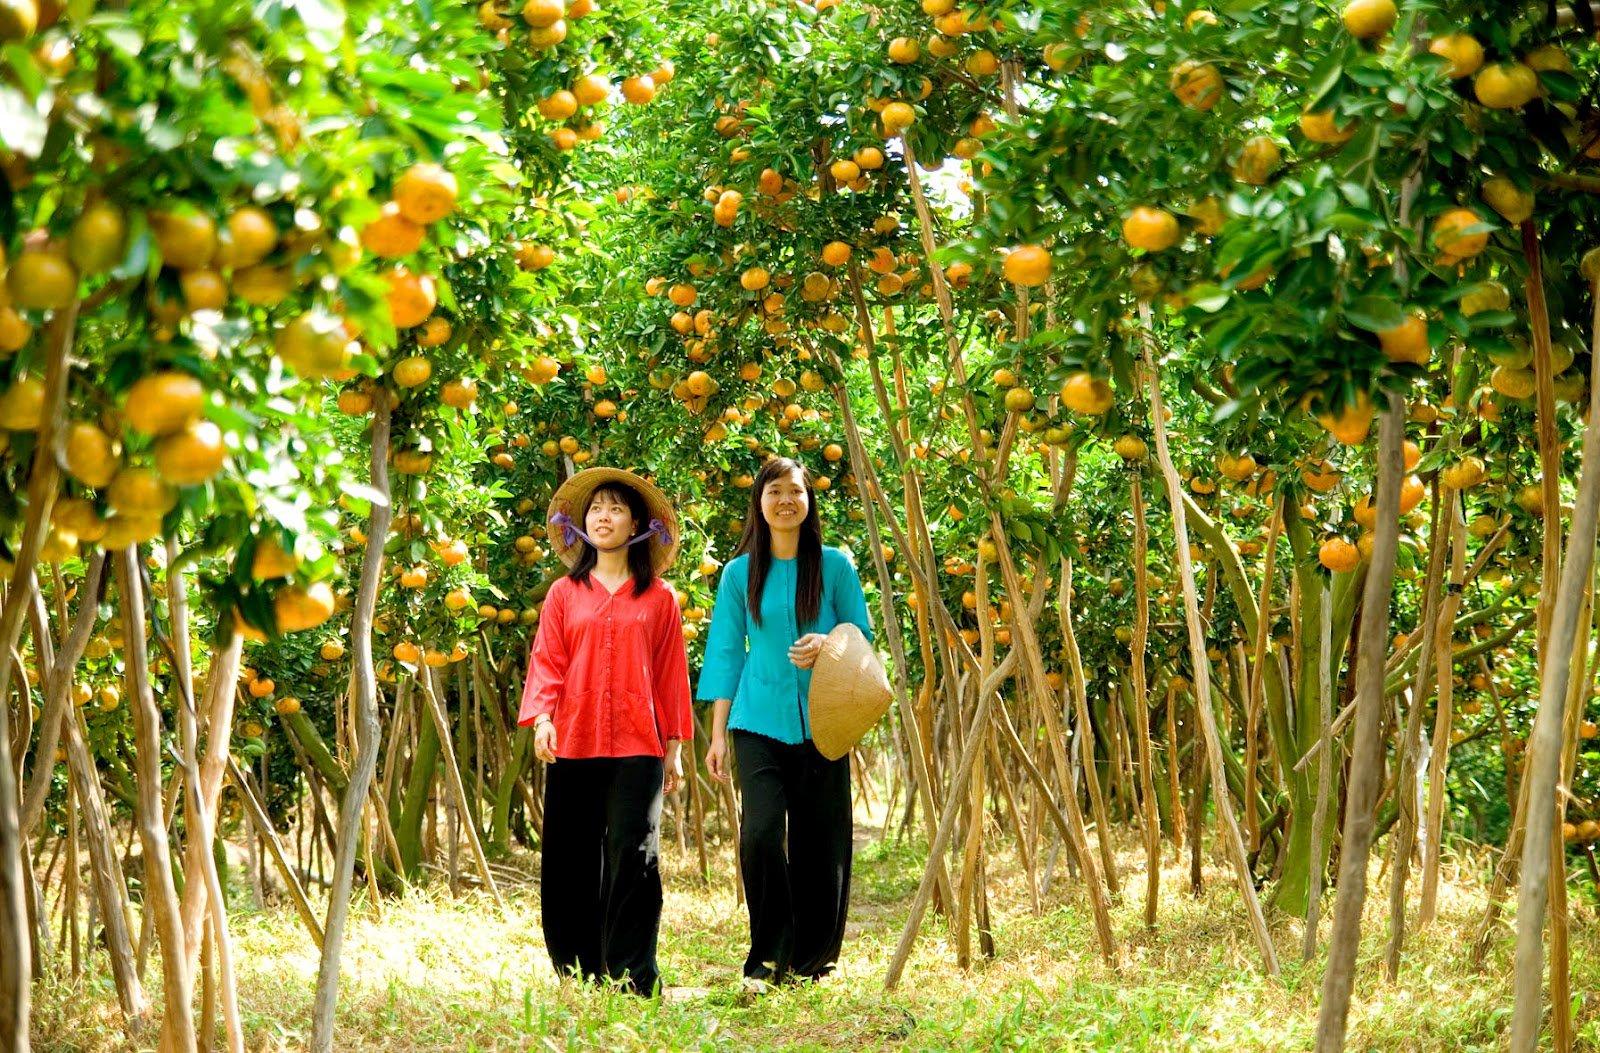 Khu vườn trái cây nổi tiếng ở Bến Tre (Ảnh: ST)